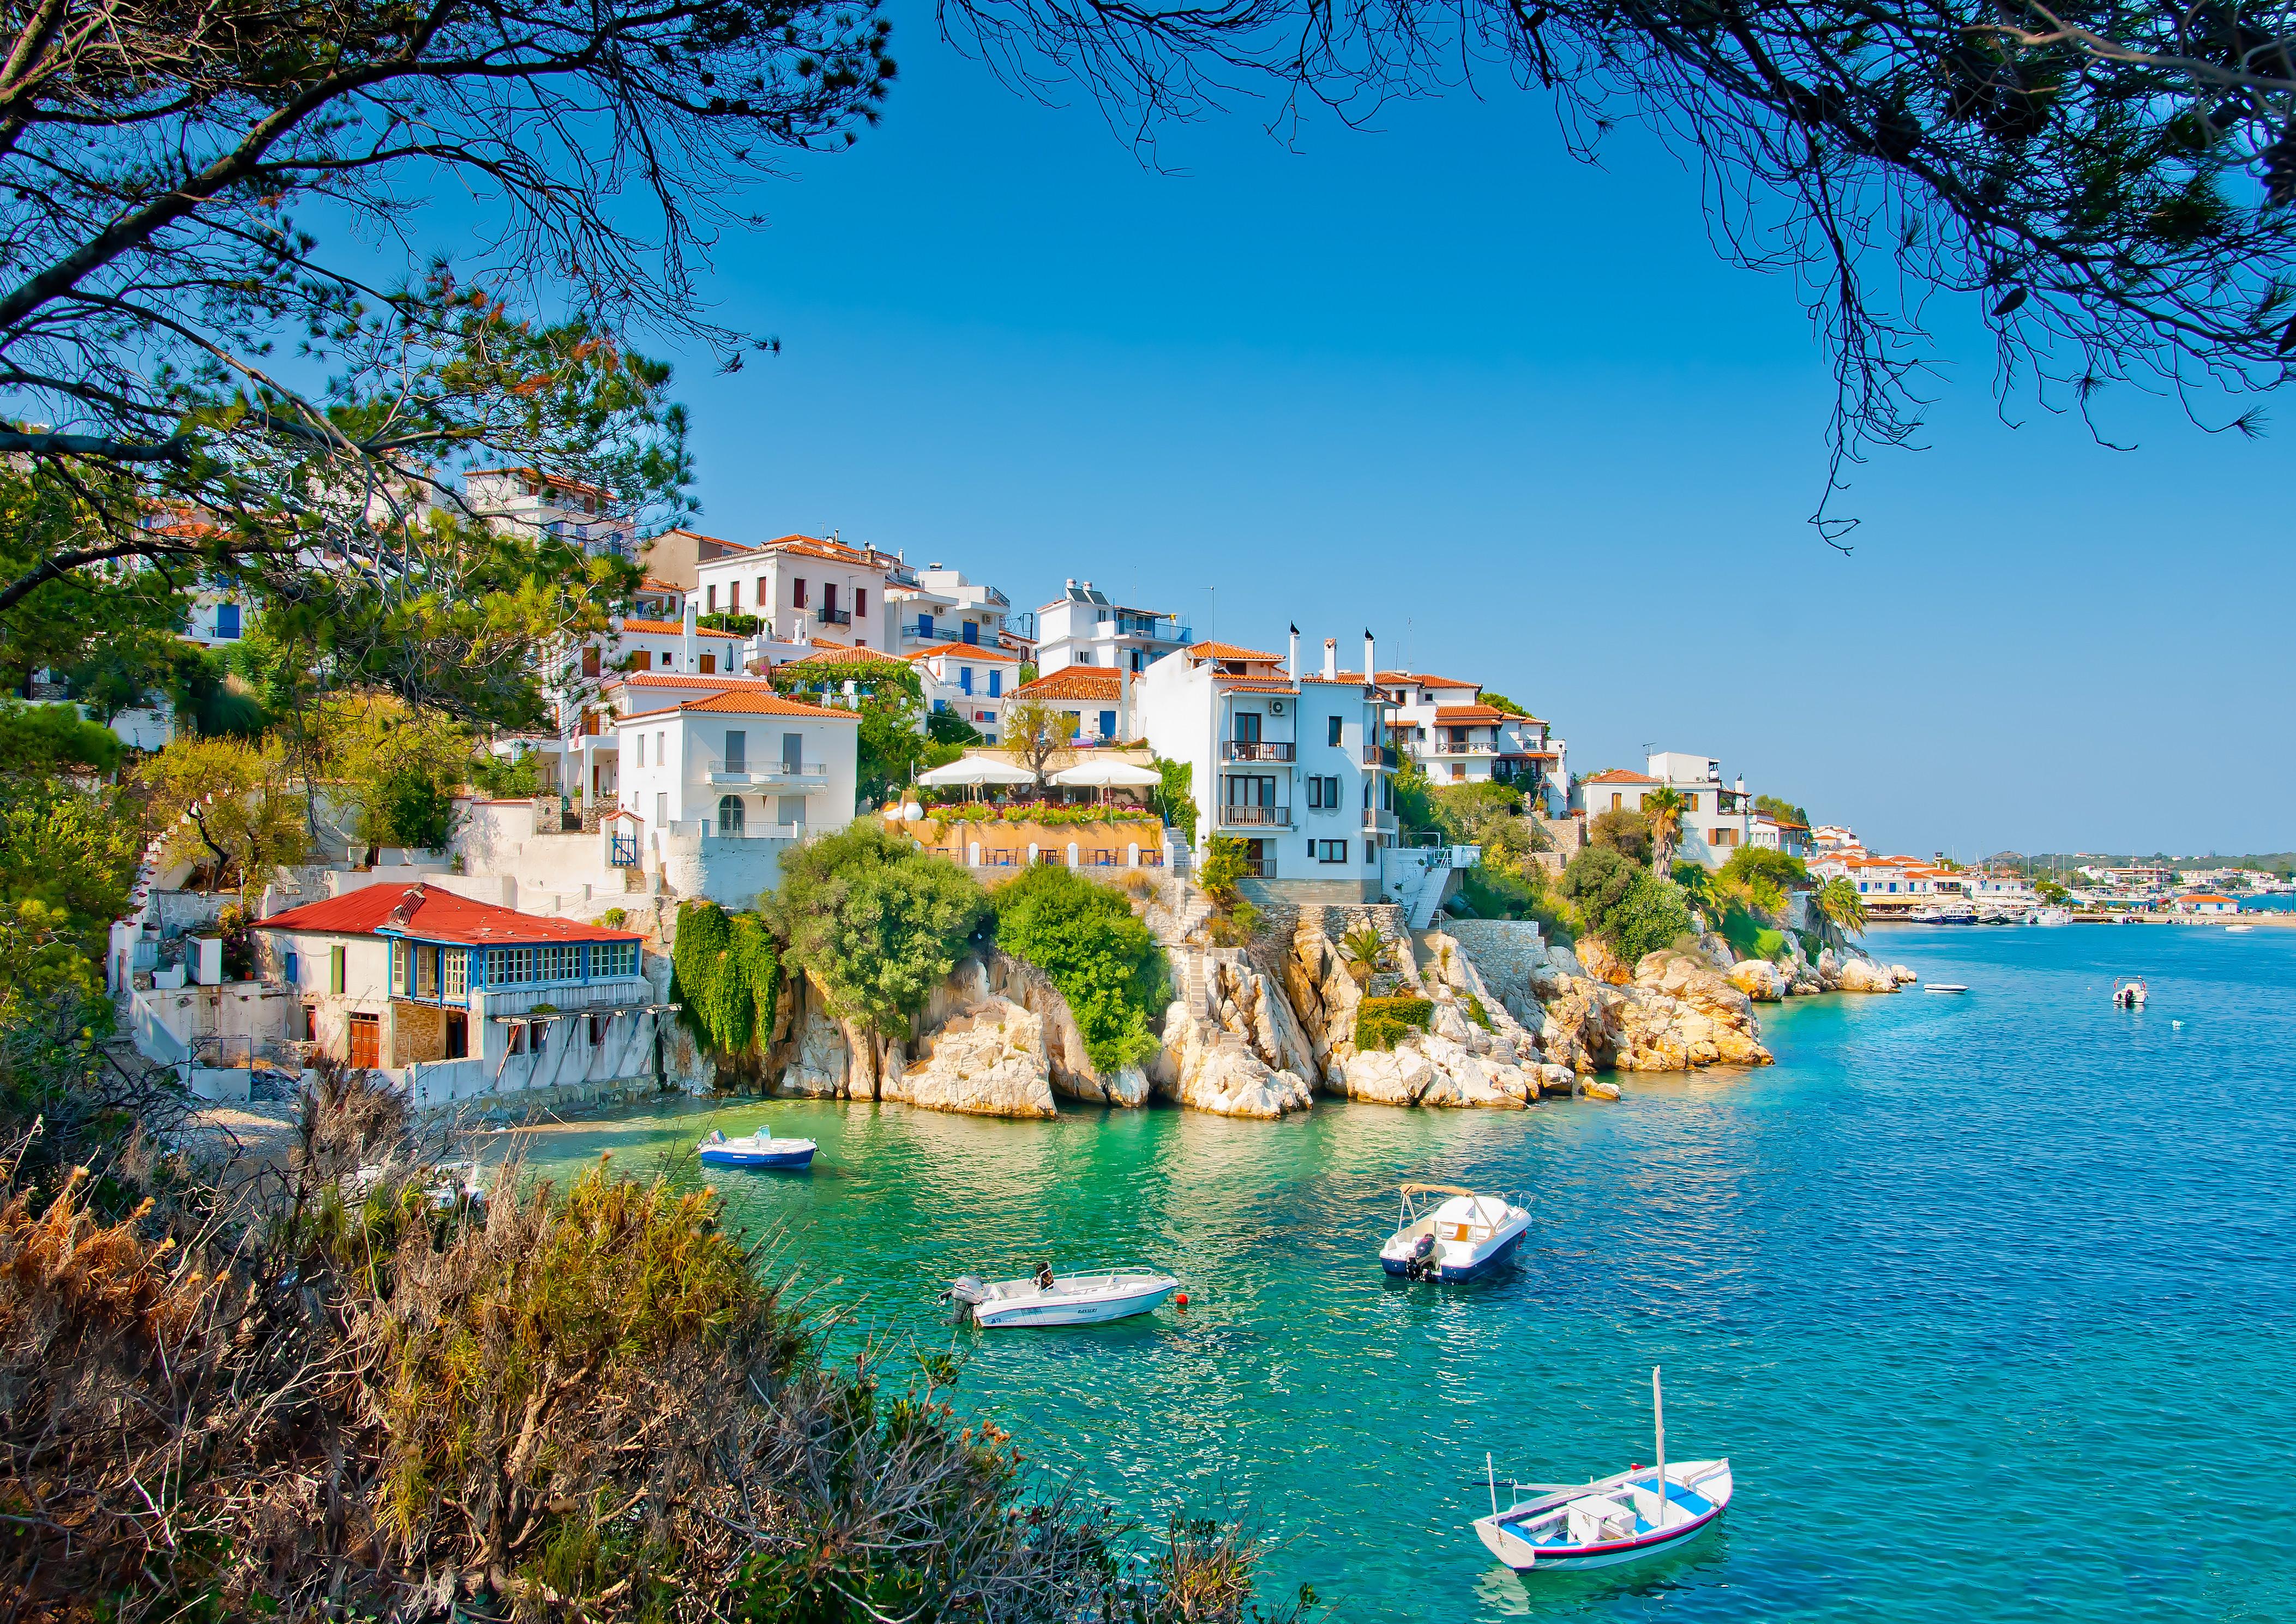 обои Скиатос, Греция, Скиатос остров в Эгейском море картинки фото